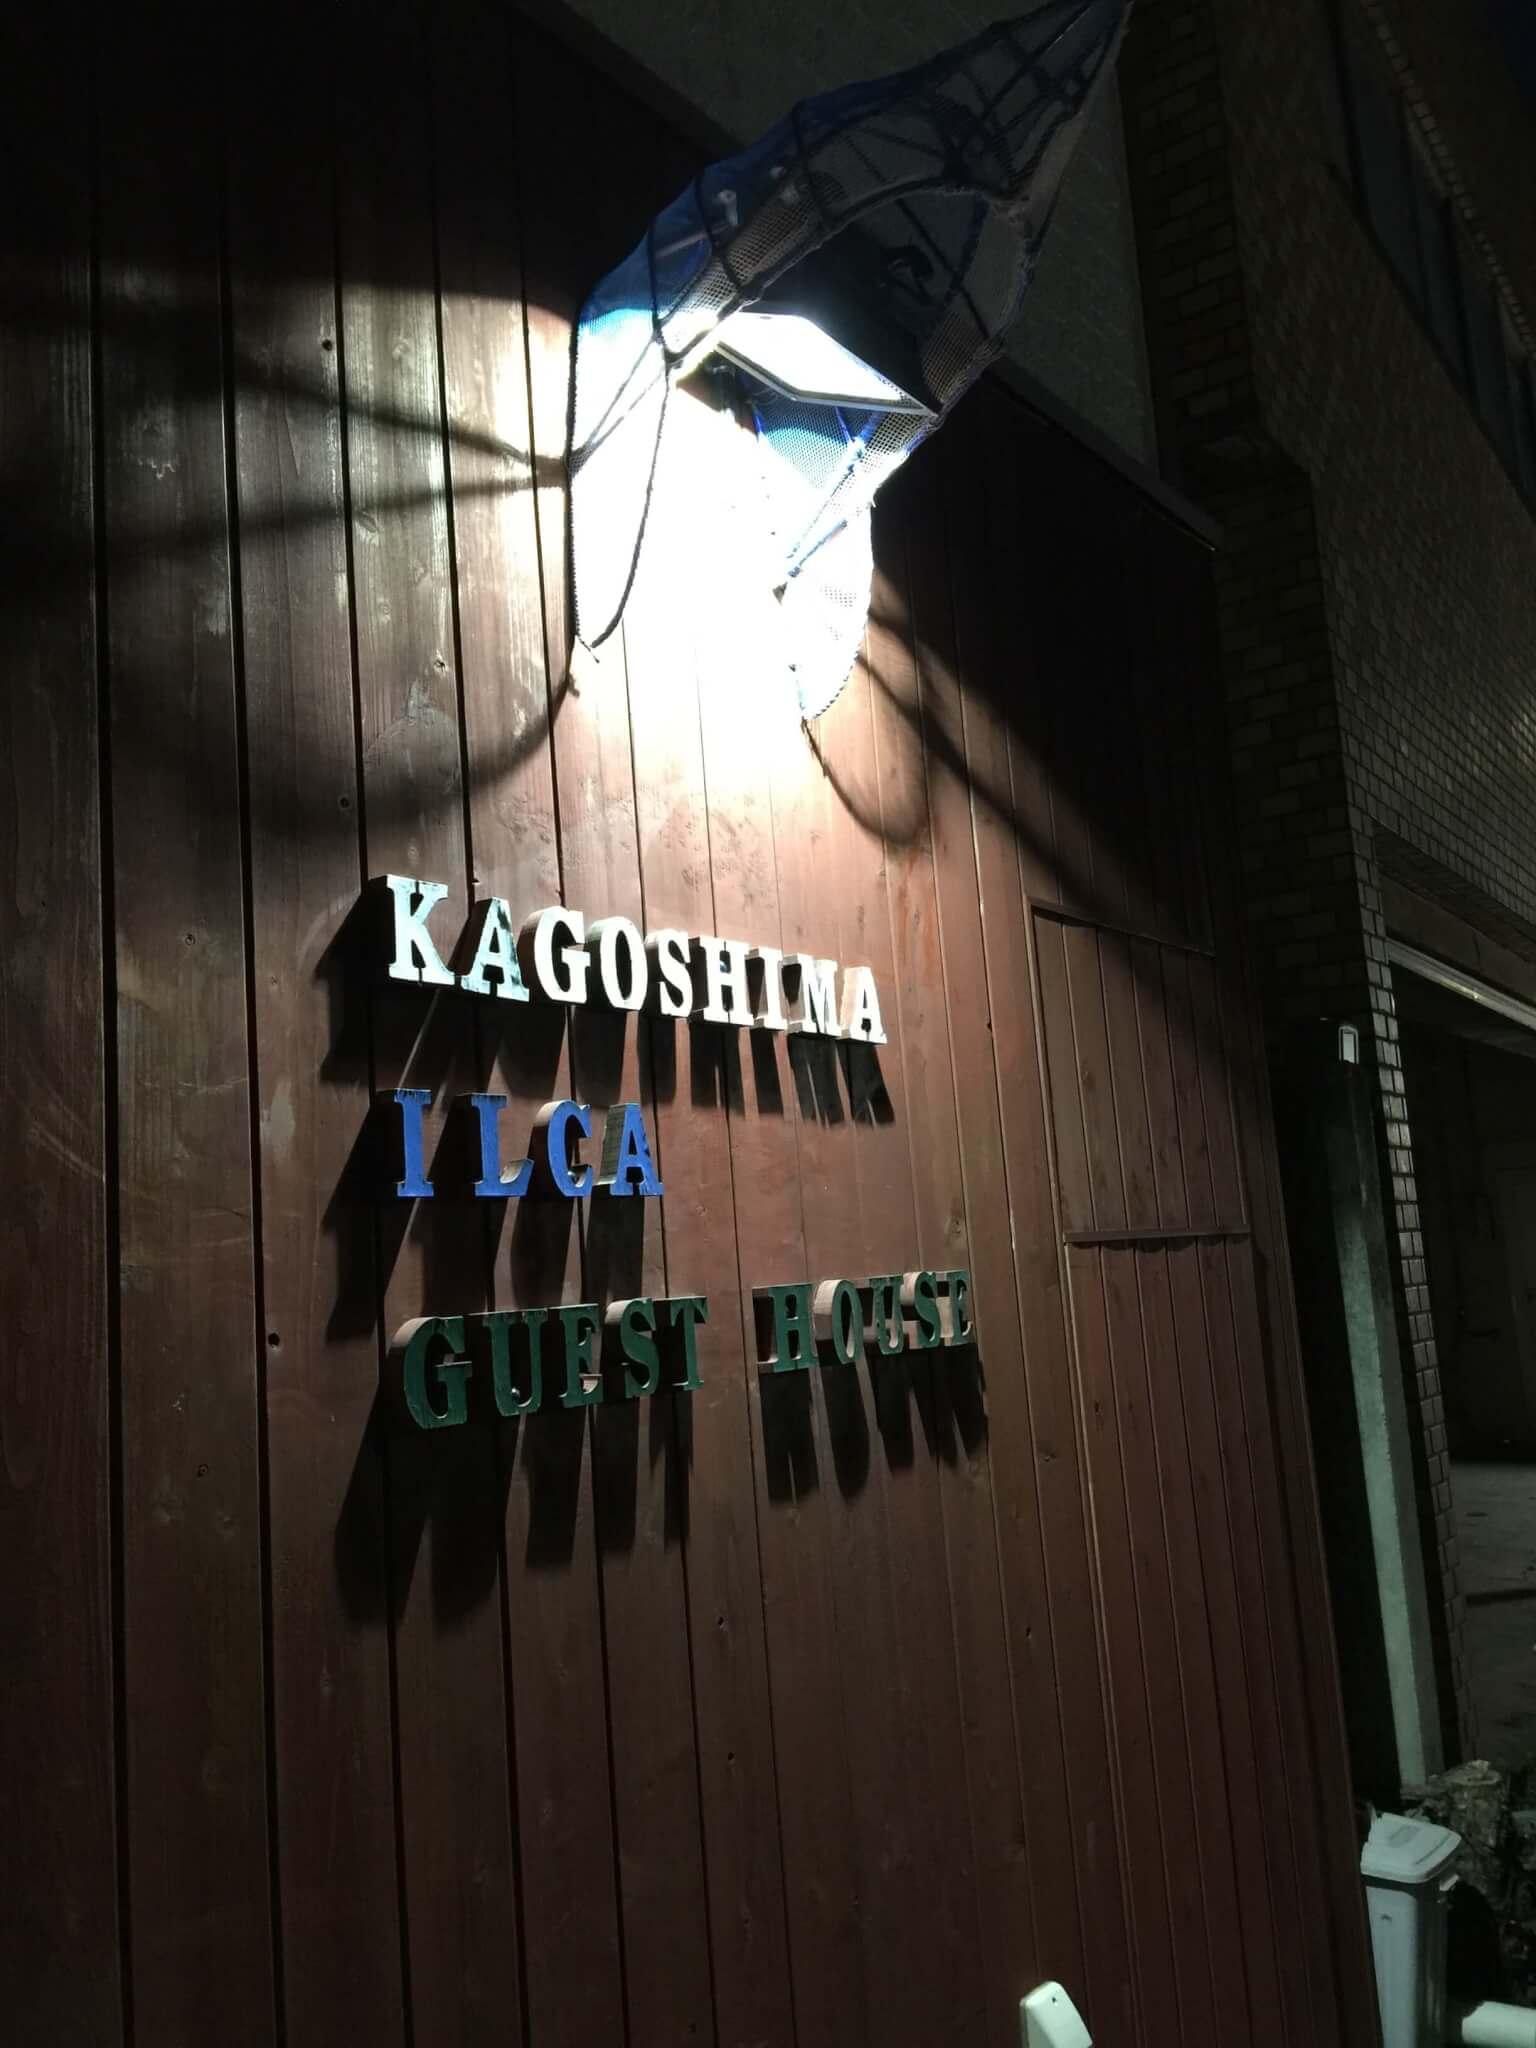 鹿児島ゲストハウスイルカの看板